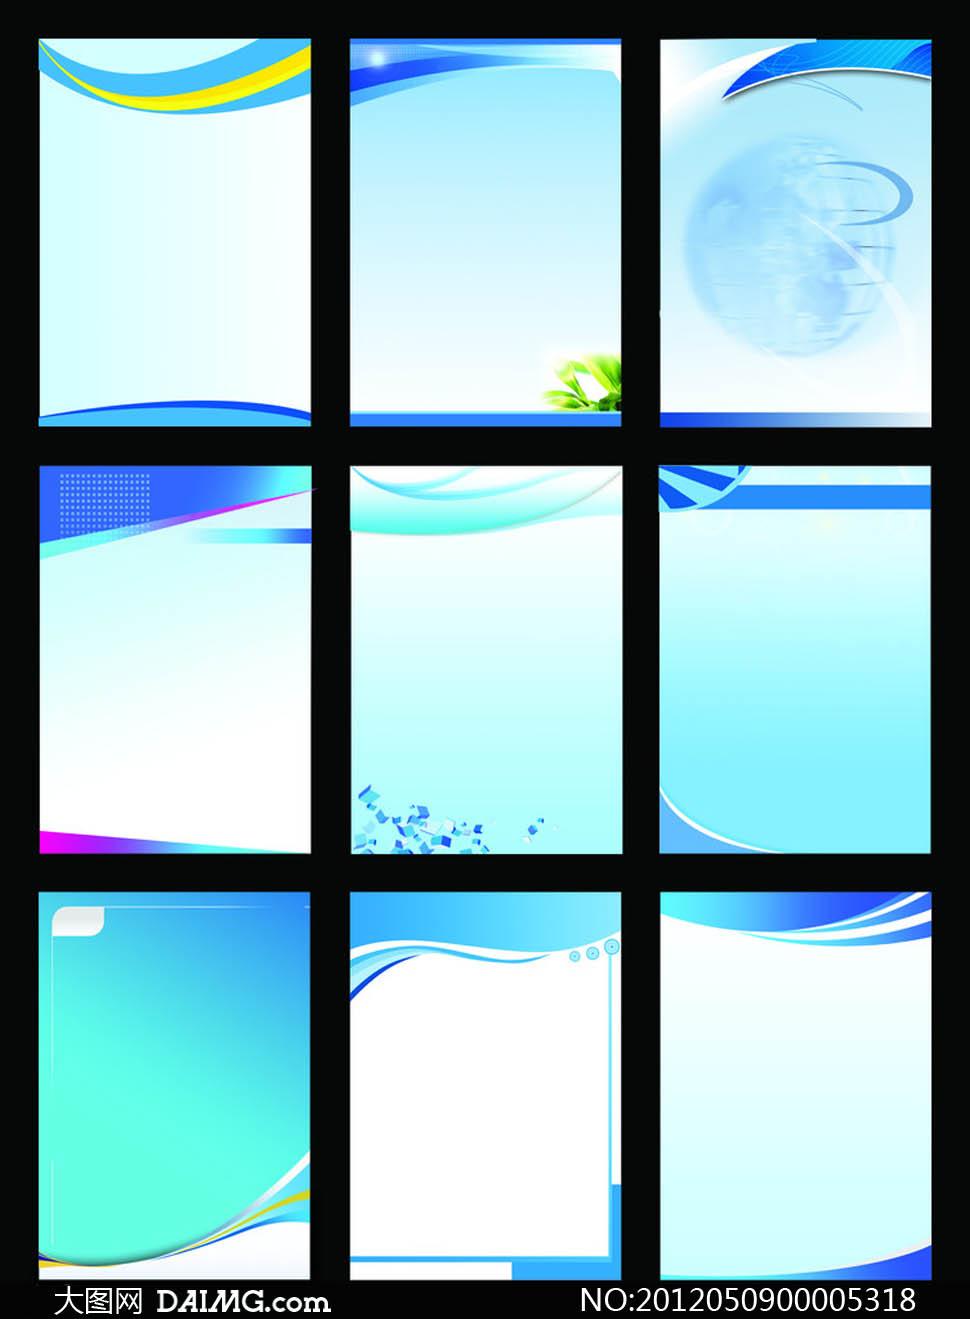 蓝色调企业展板背景设计psd源文件